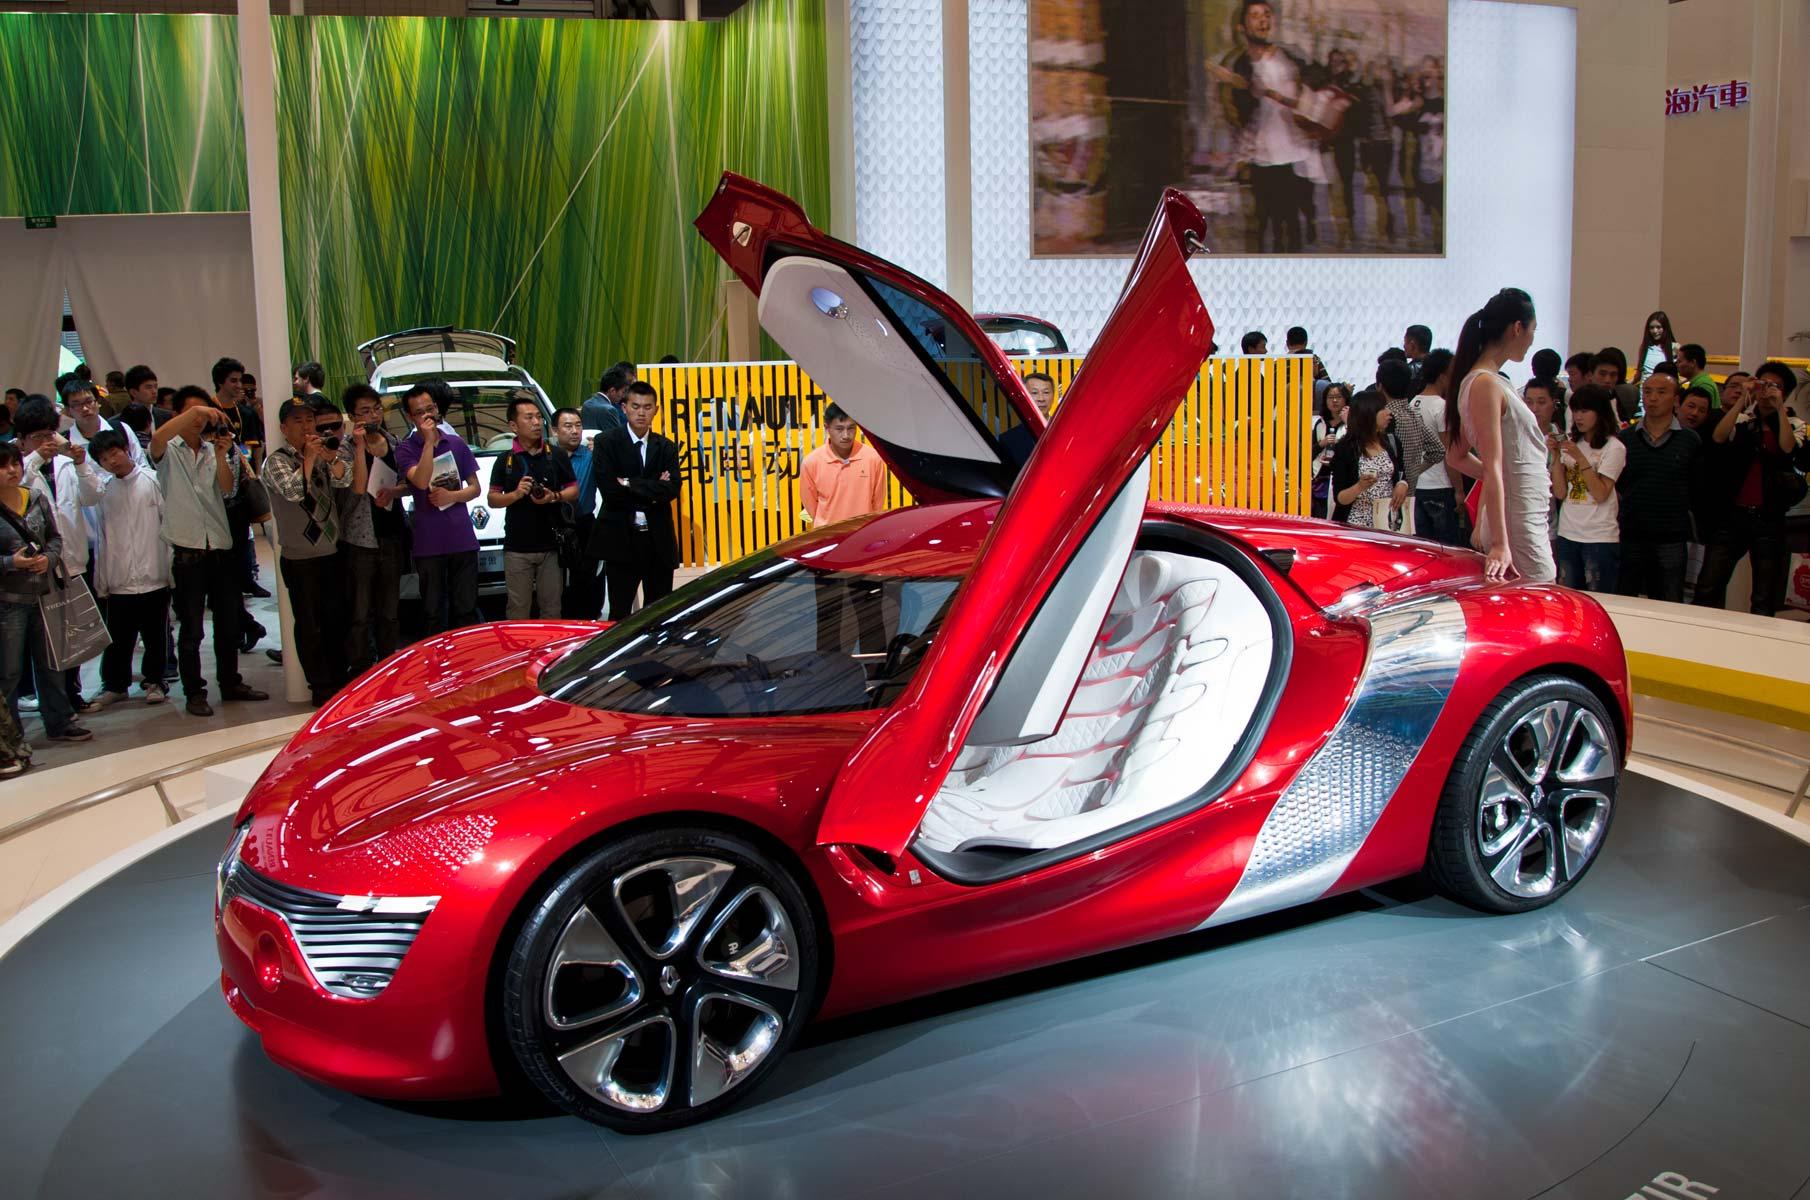 Renault DeZir Konzeptwagen auf der Auto Shanghai 2011 in China